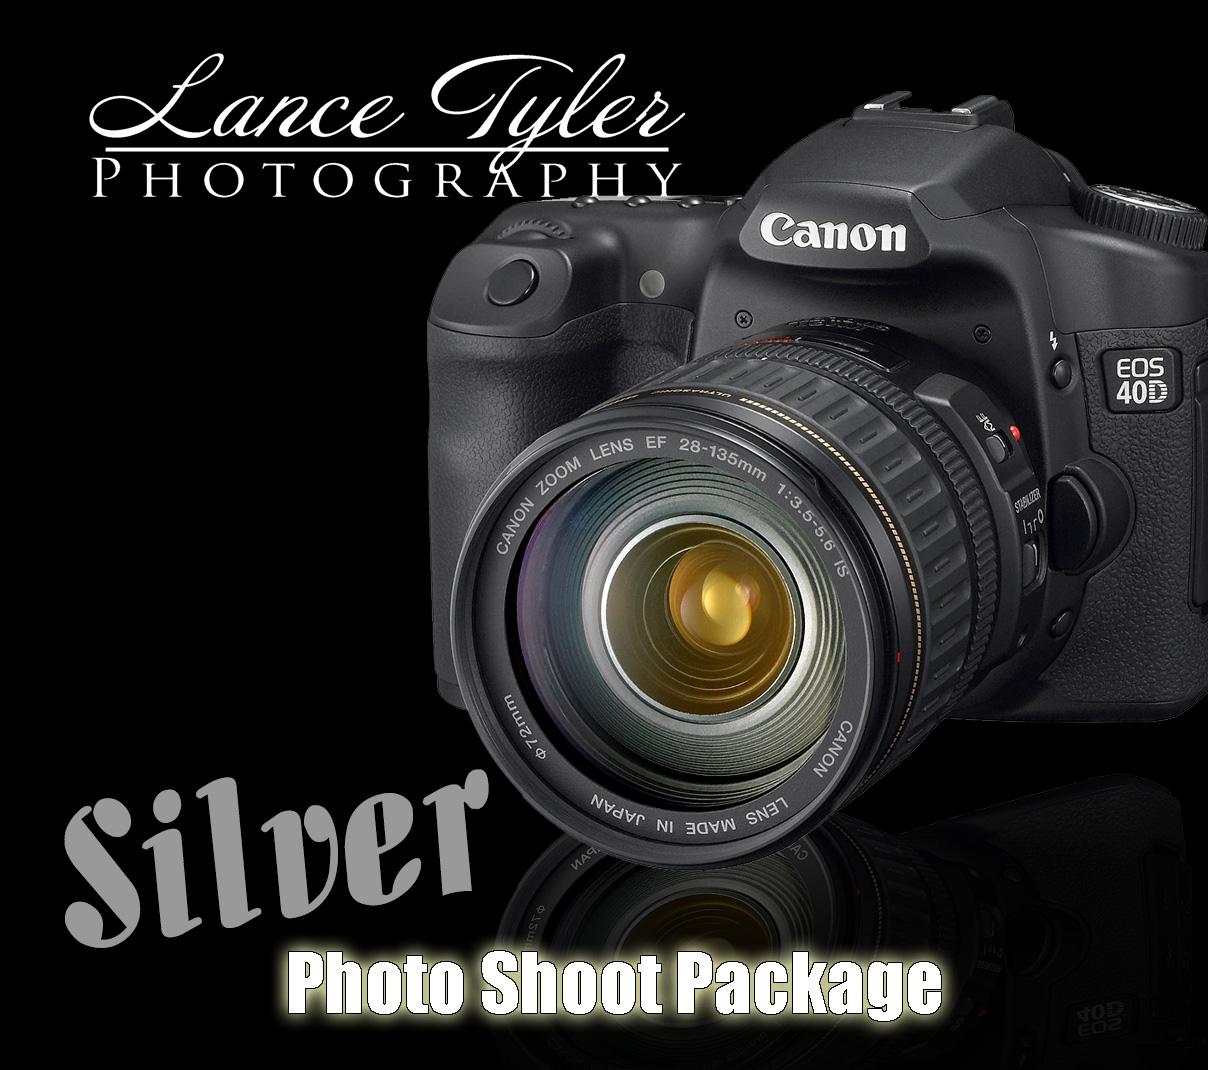 Silver Photo Shoot